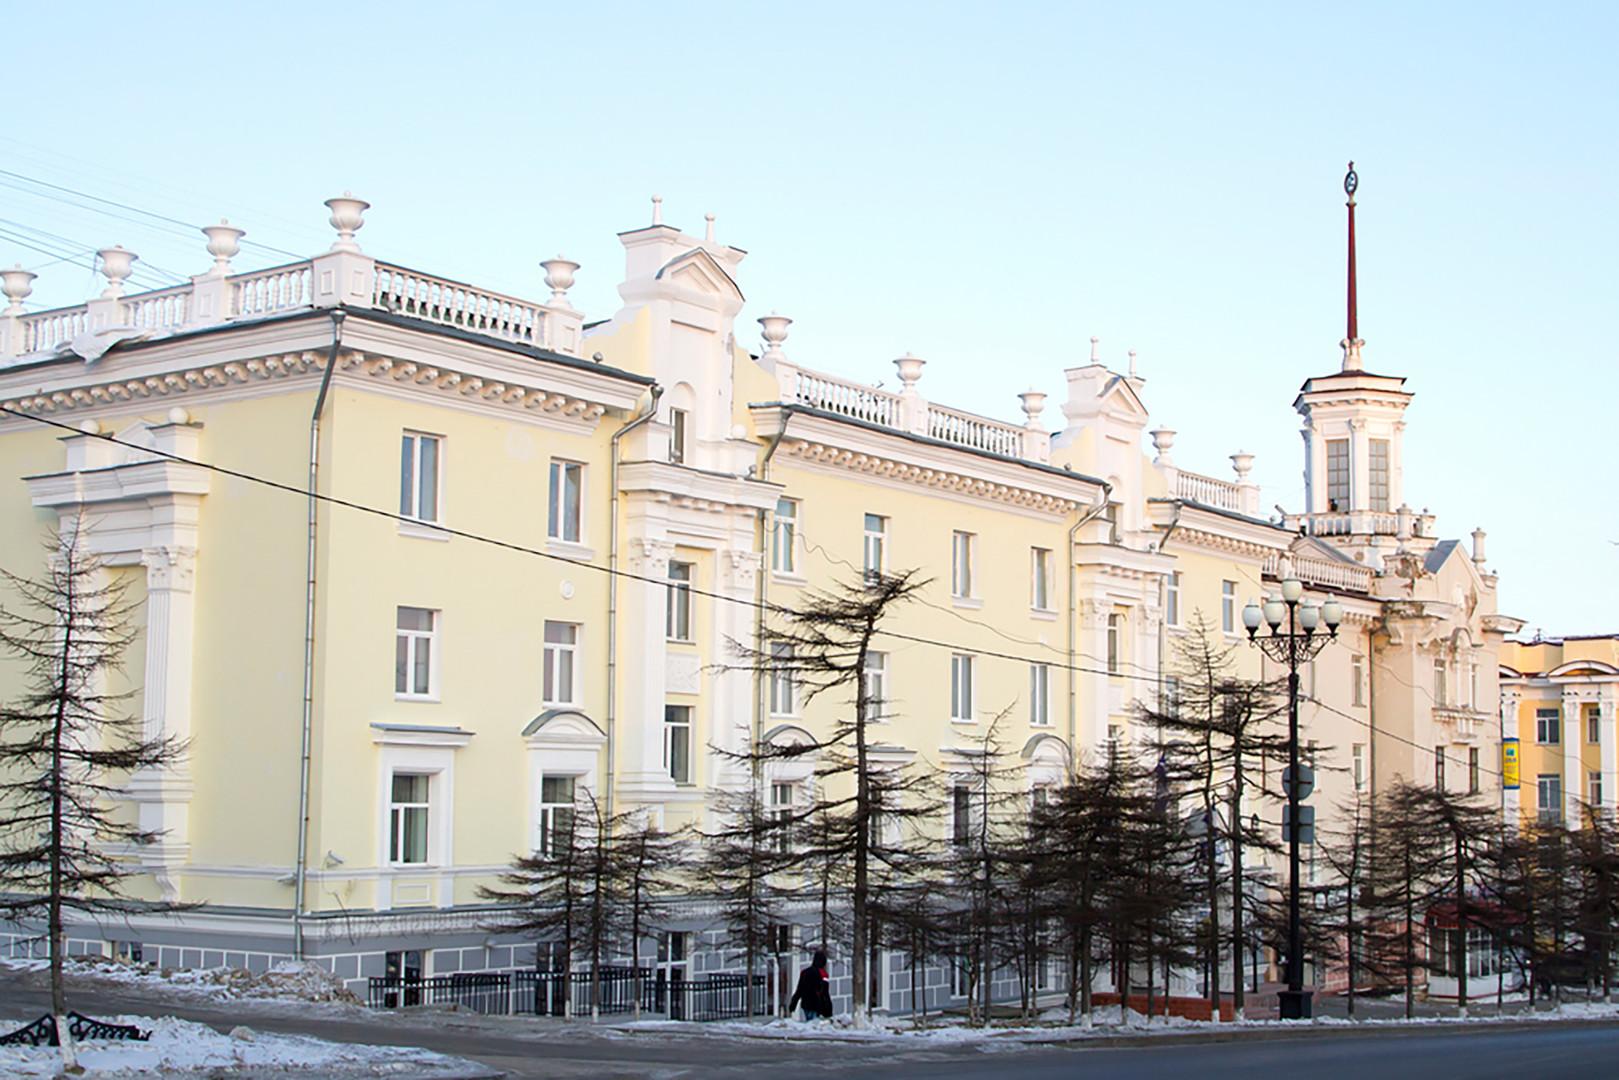 Зграда са шиљком у главној улици Магадана, 19. децембар 2014.